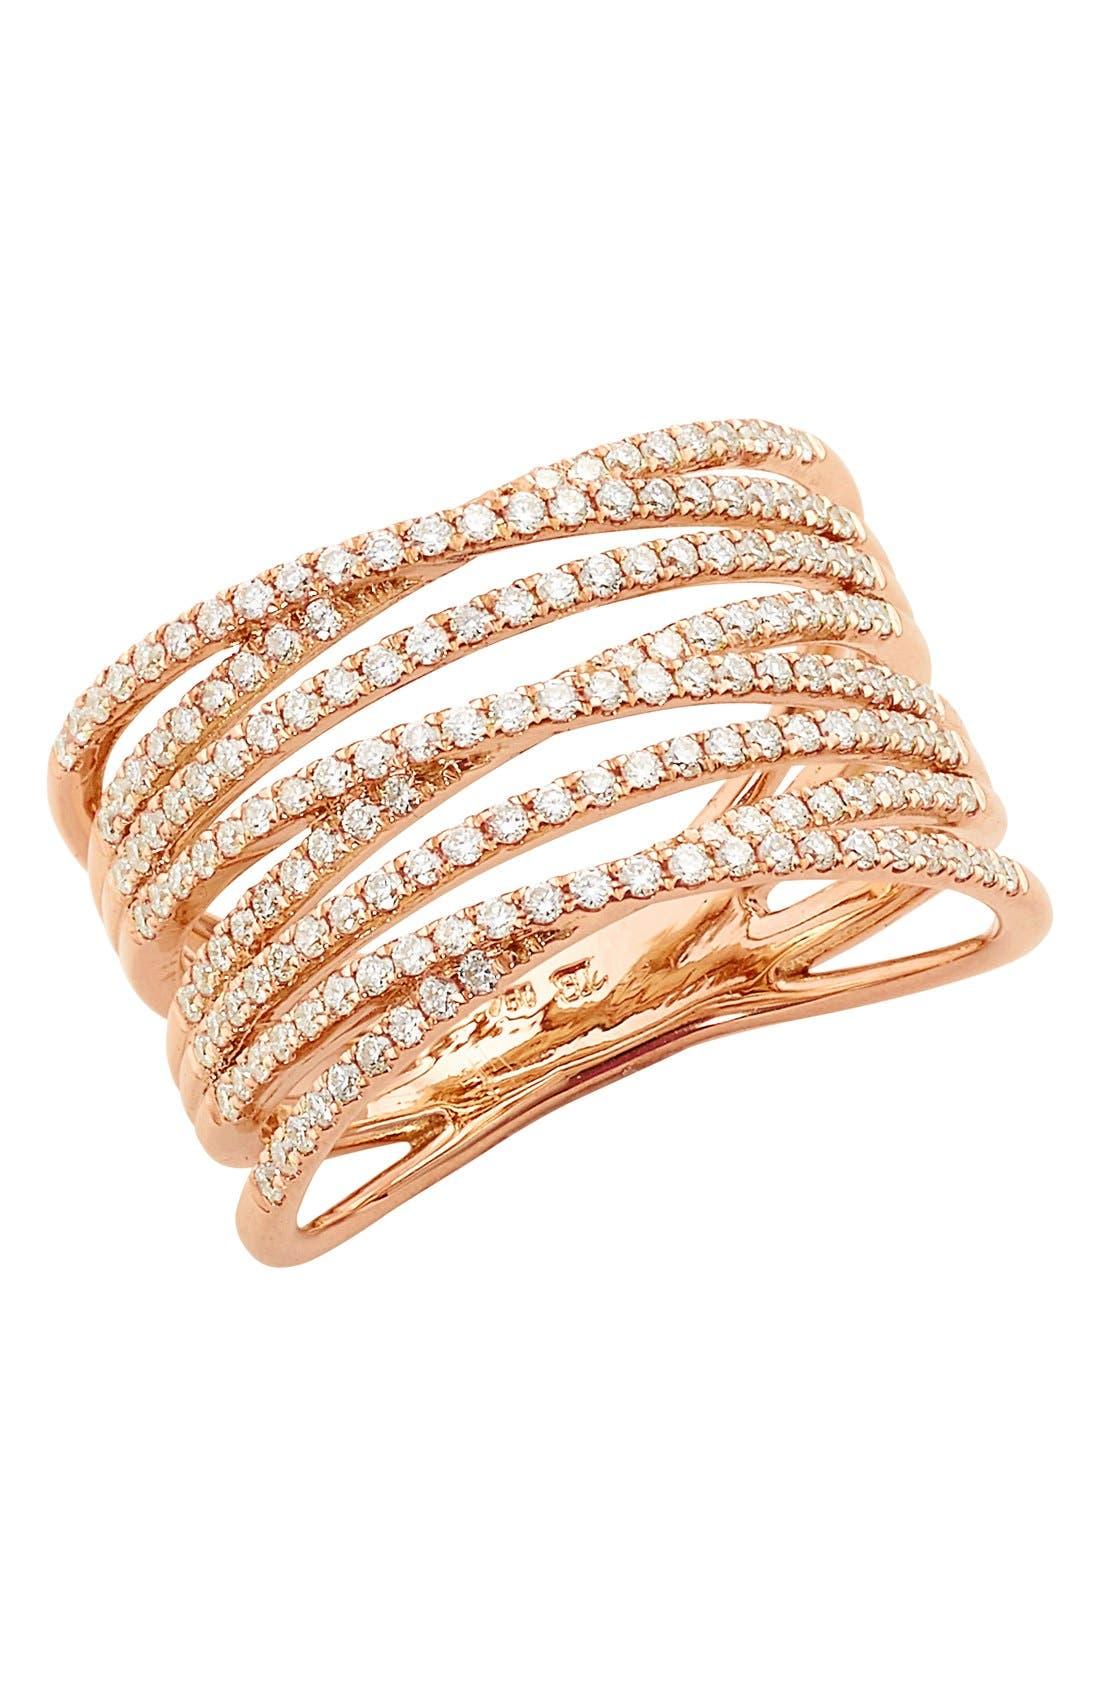 Bony Levy 'Liora' Eight Row Diamond Ring (Nordstrom Exclusive)